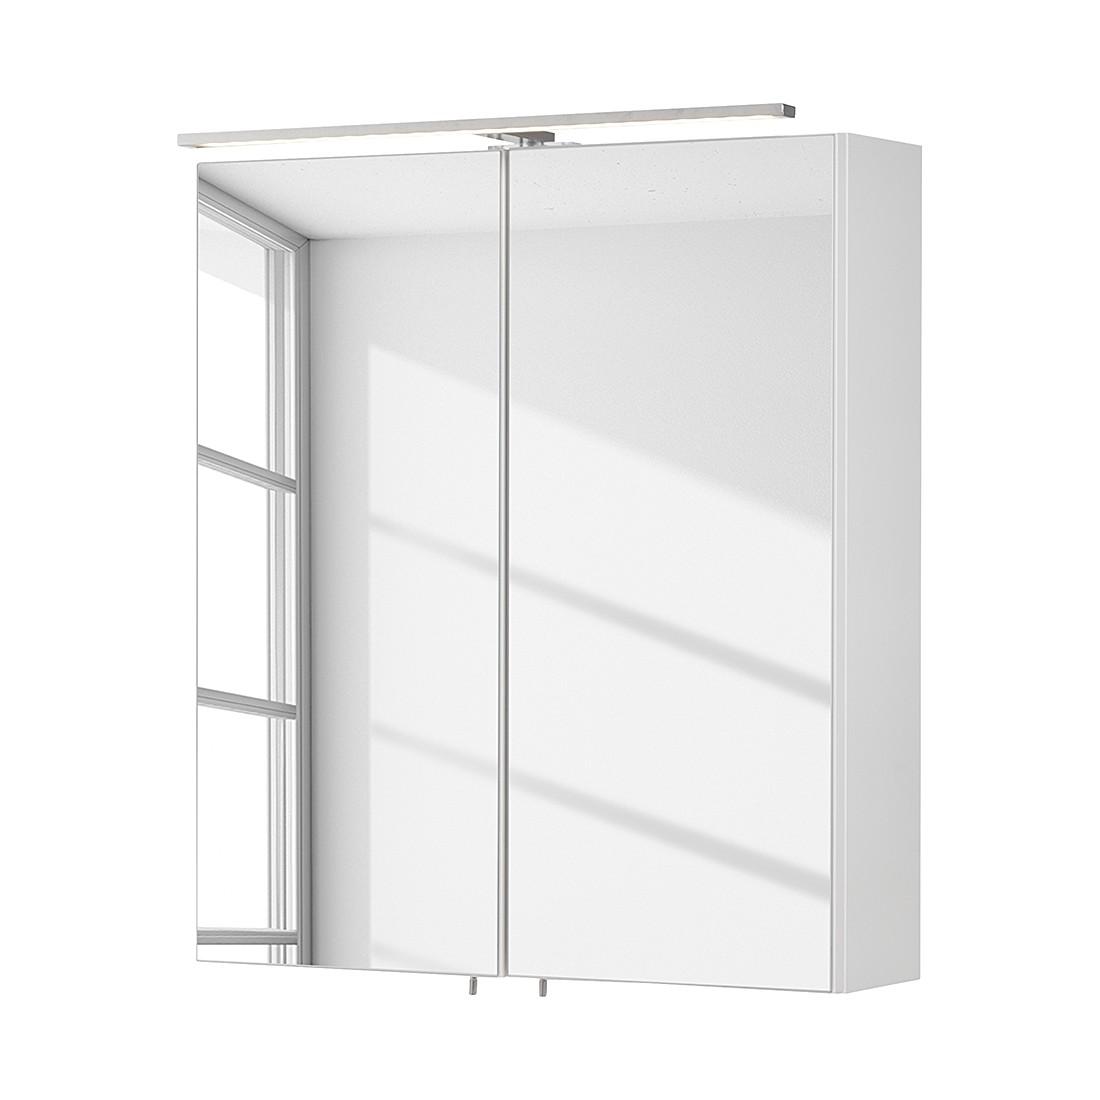 Spiegelschrank Como - Weiß - 60 cm, Fackelmann